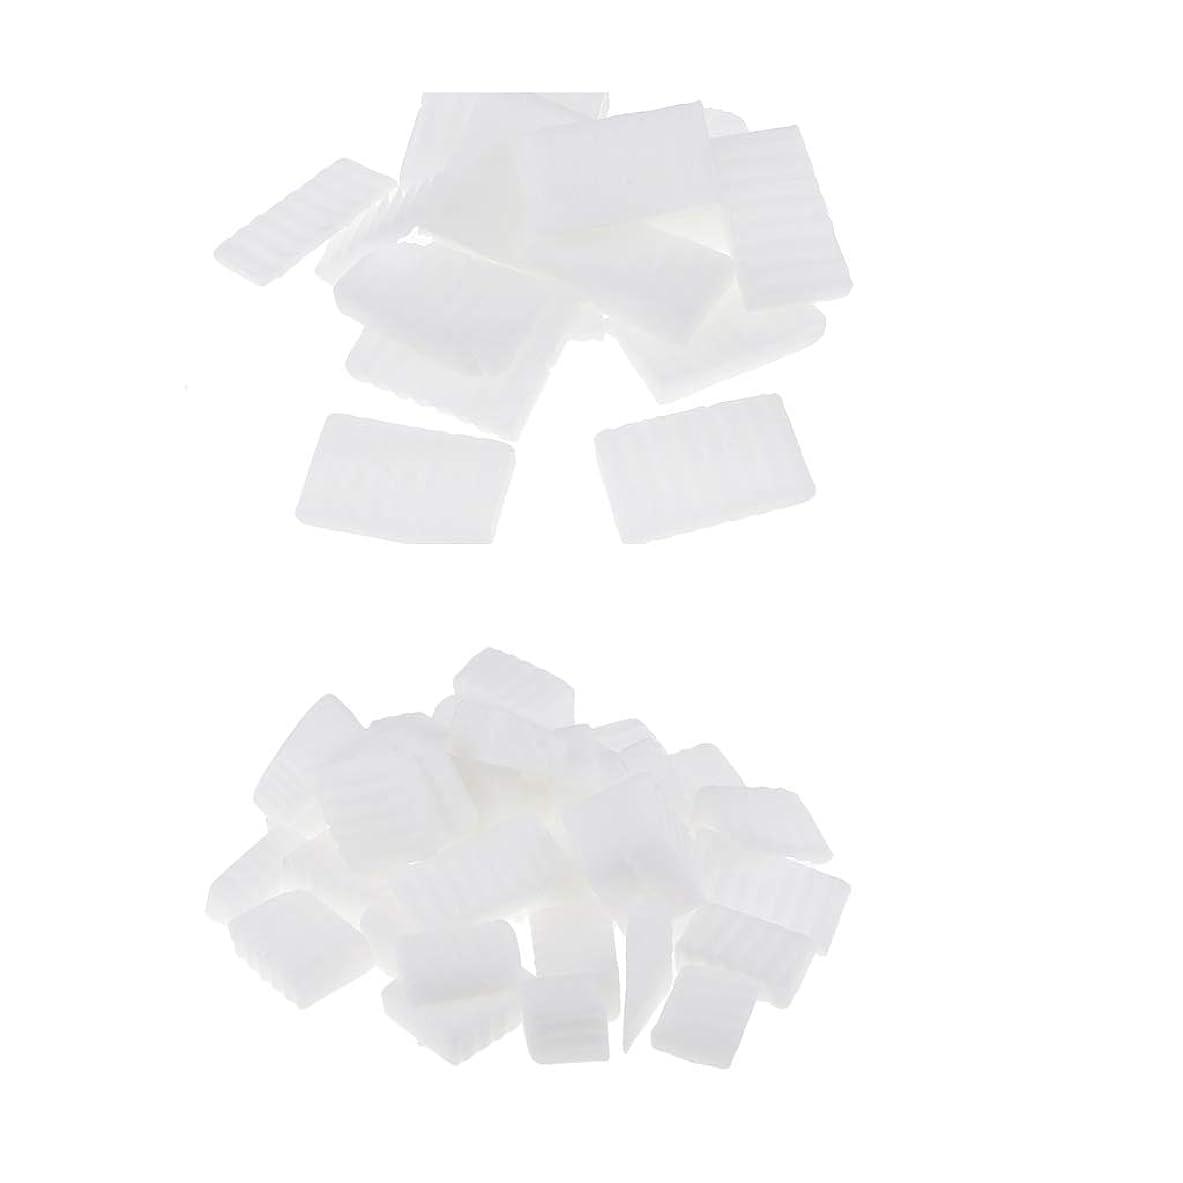 順応性のあるのスコア貼り直すD DOLITY 石けん素地 石鹸原料 DIY 手作り 石けん用 石鹸用 豆乳石けん用 白い 1500g入り